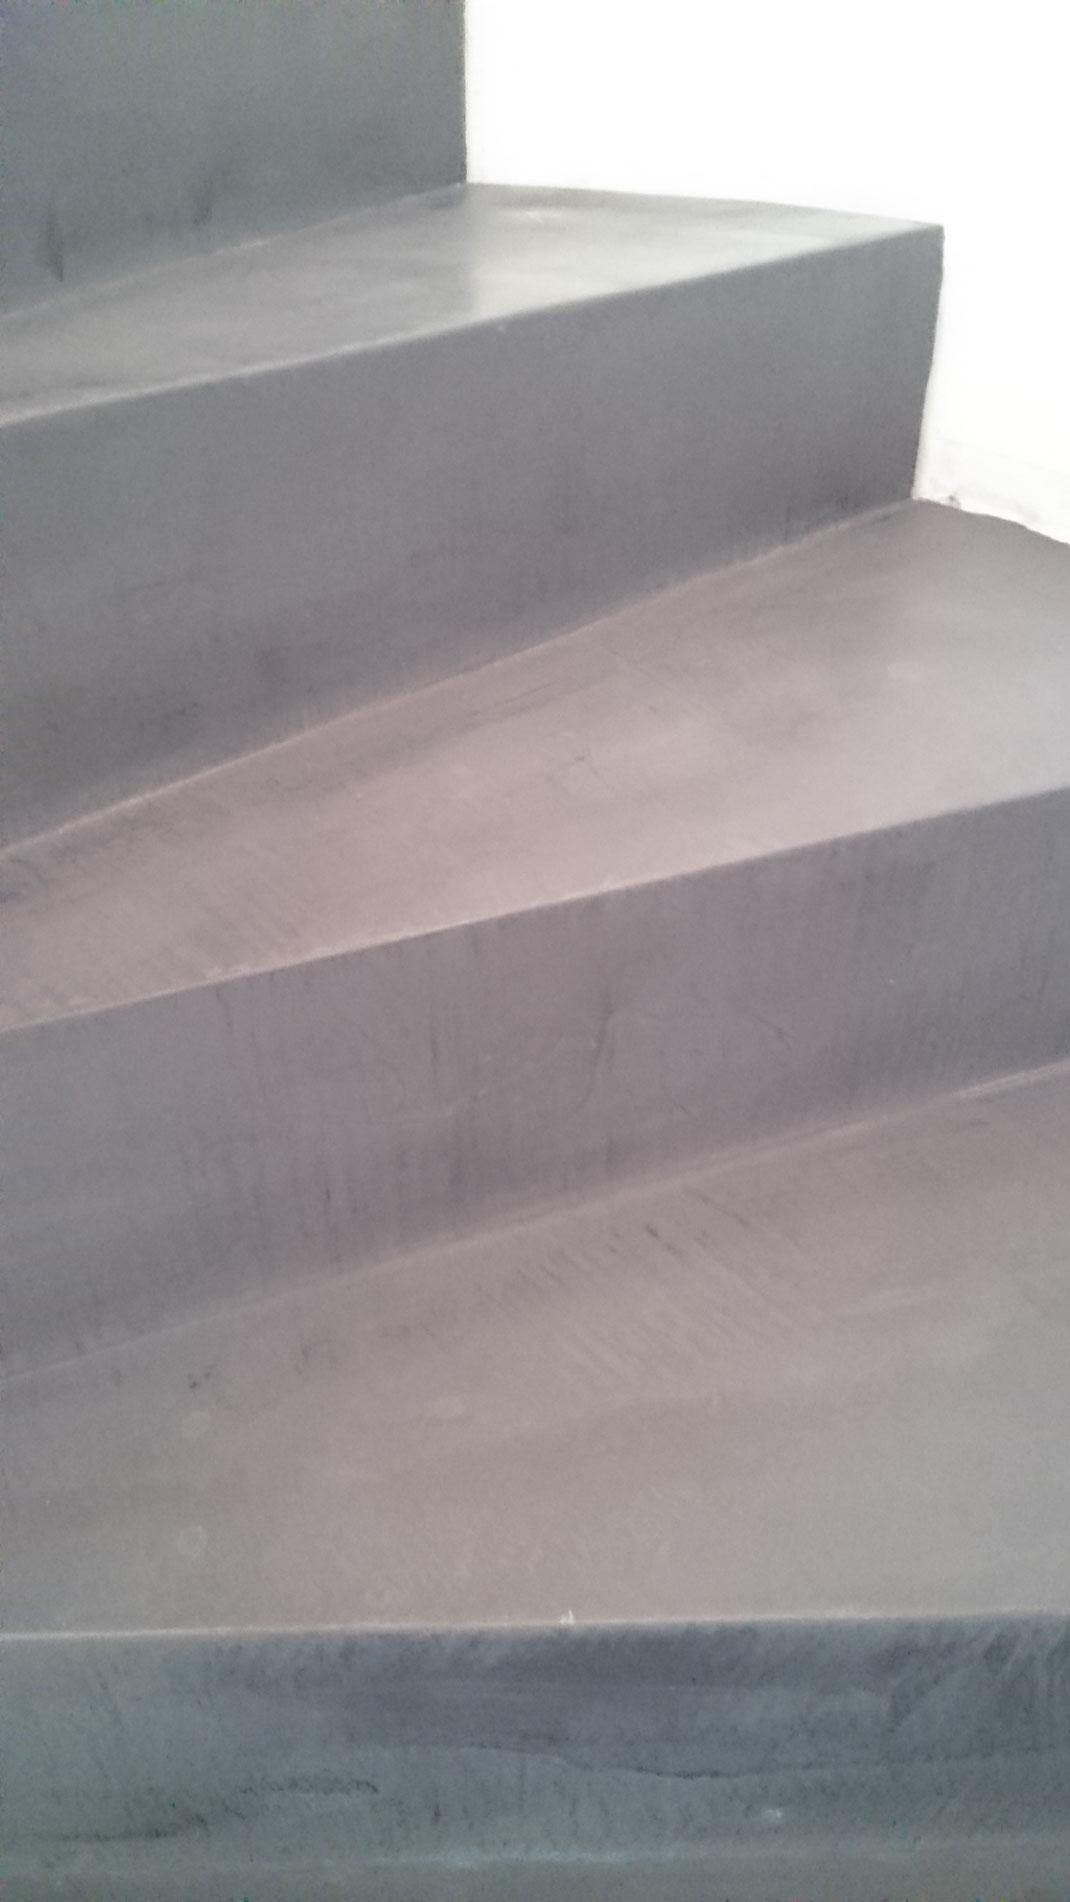 Sichtbeton Verkleidung beton ciré treppe nonnast raum beton design